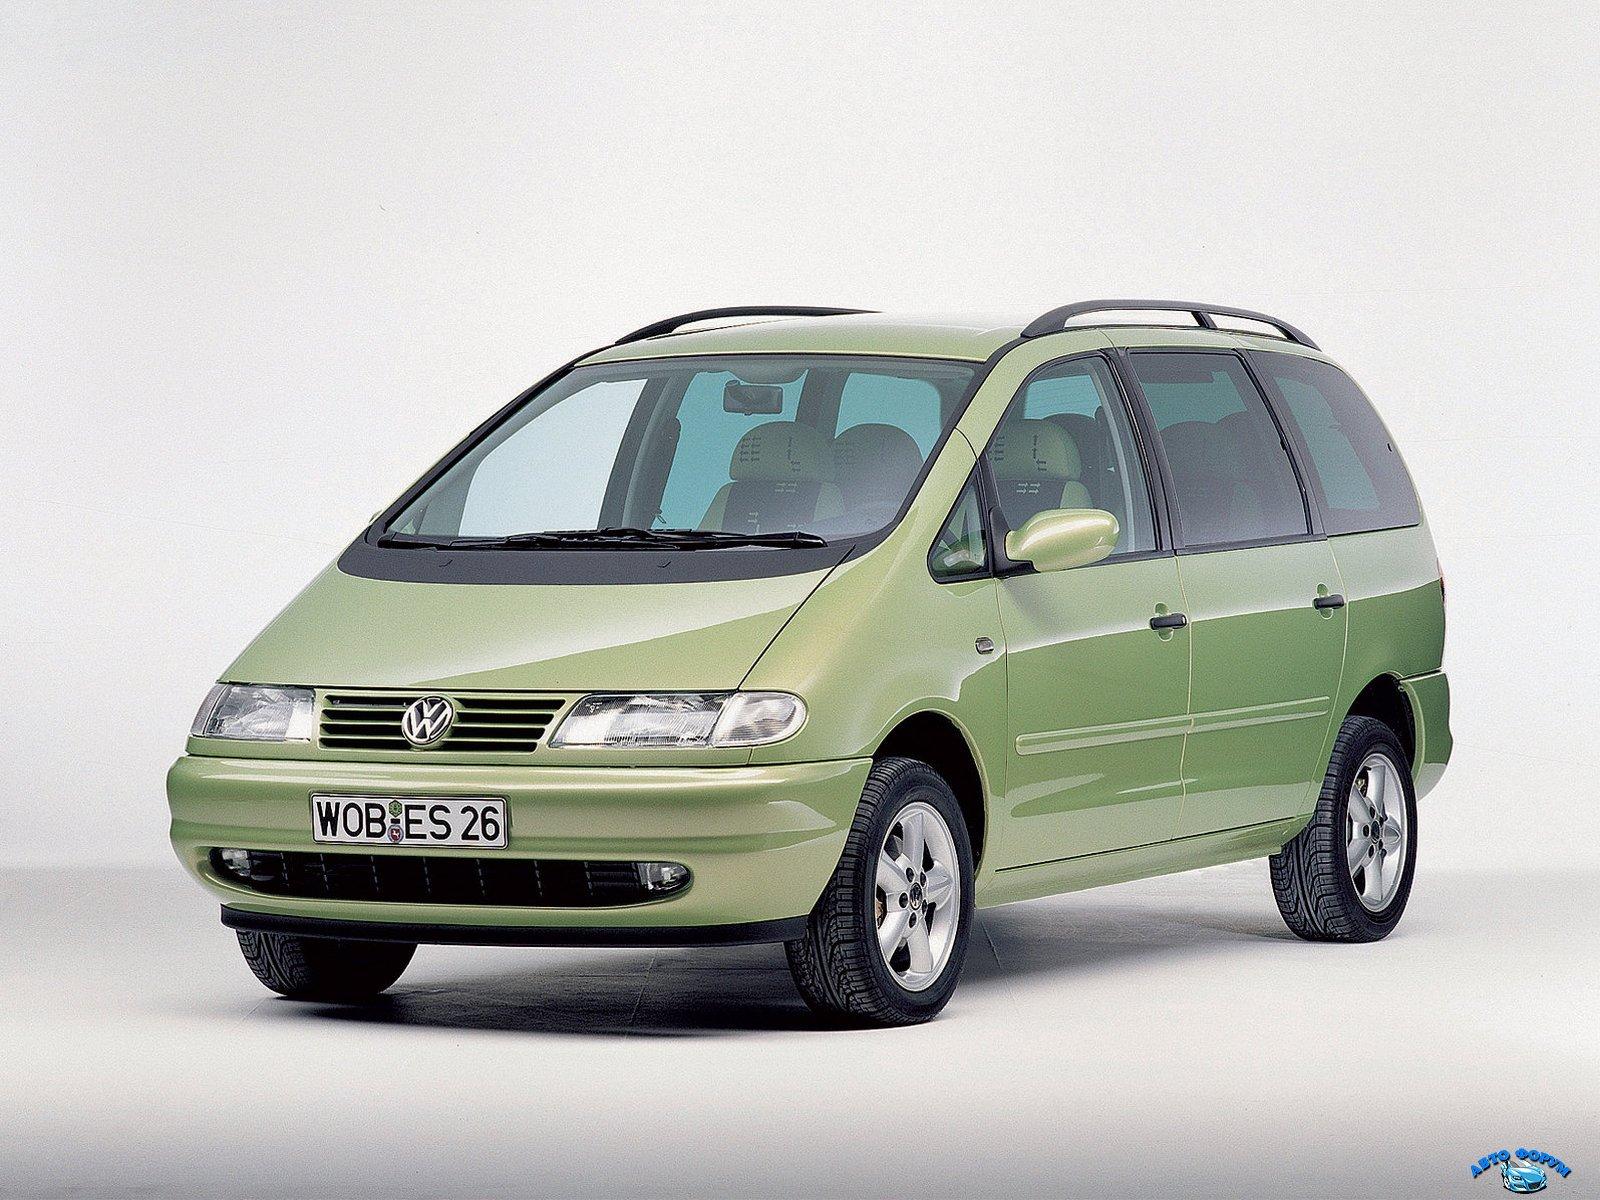 Volkswagen_Sharan_Minivan_1995.jpg